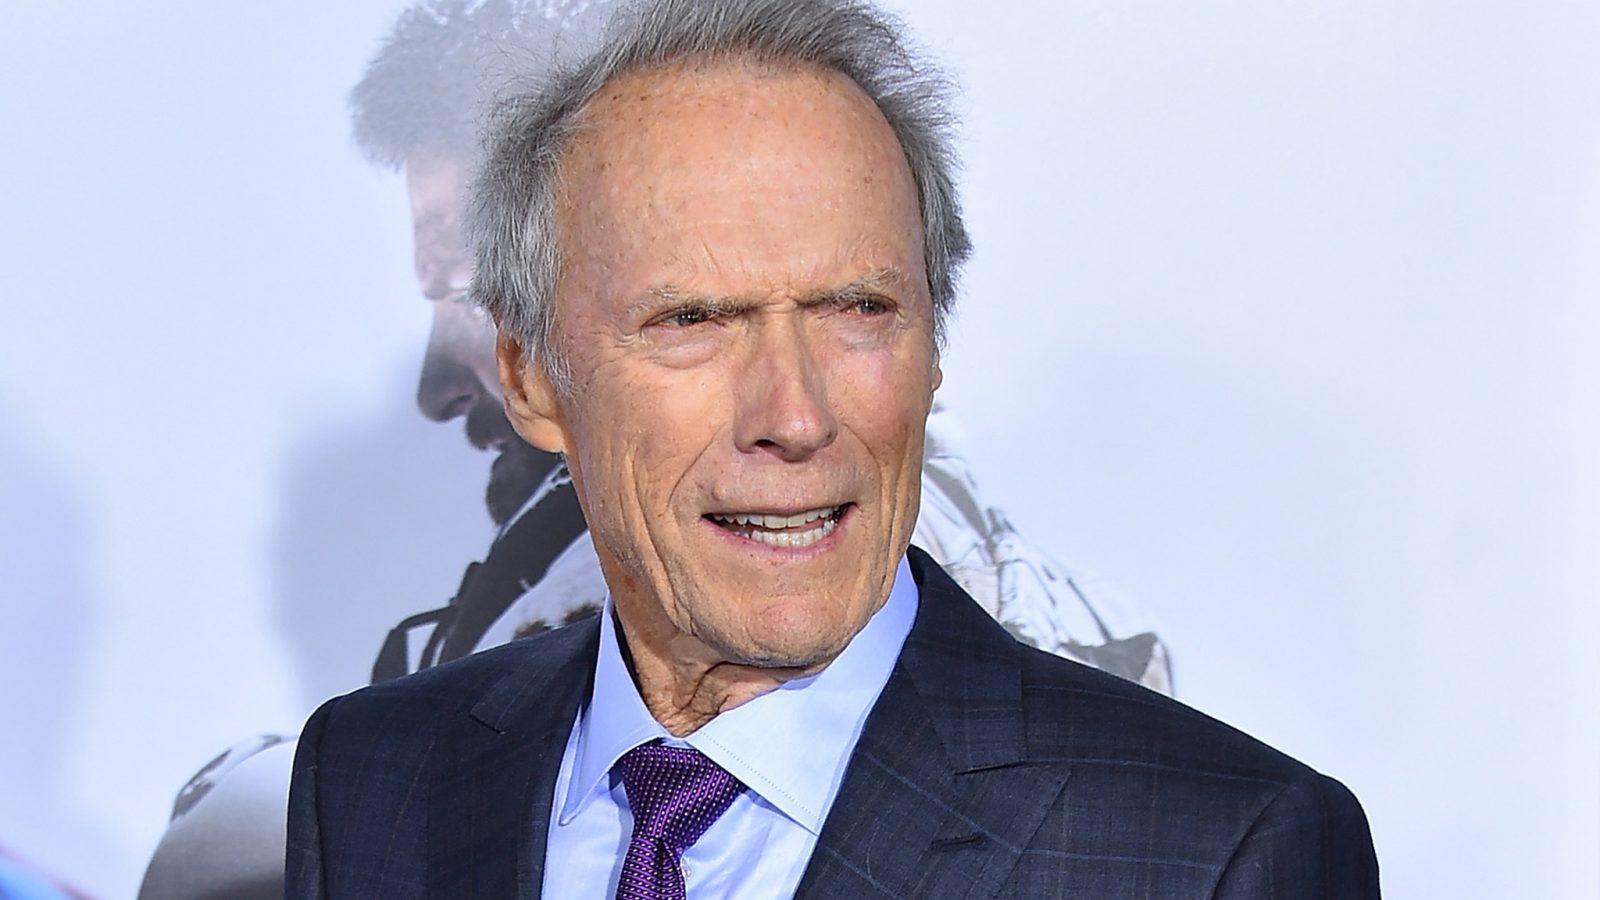 Клинт Иствуд может снять фильм о несправедливо осуждённом герое.